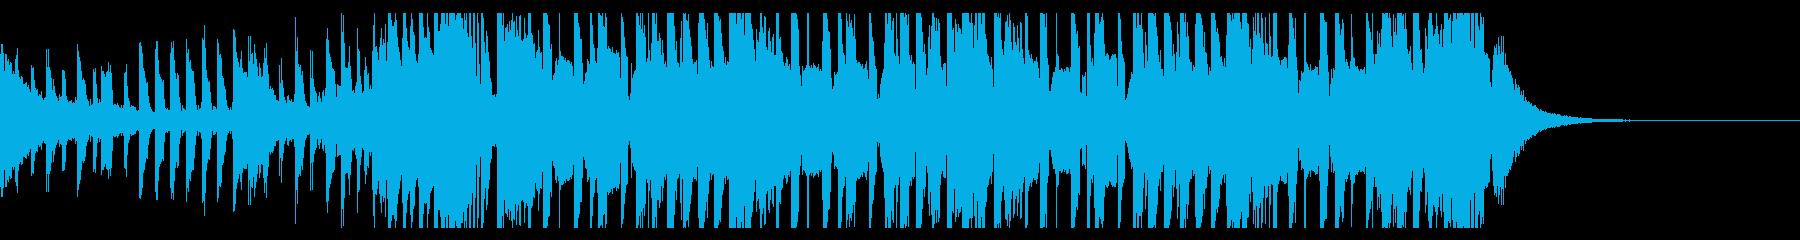 スポーツトラップの背景(30秒)の再生済みの波形